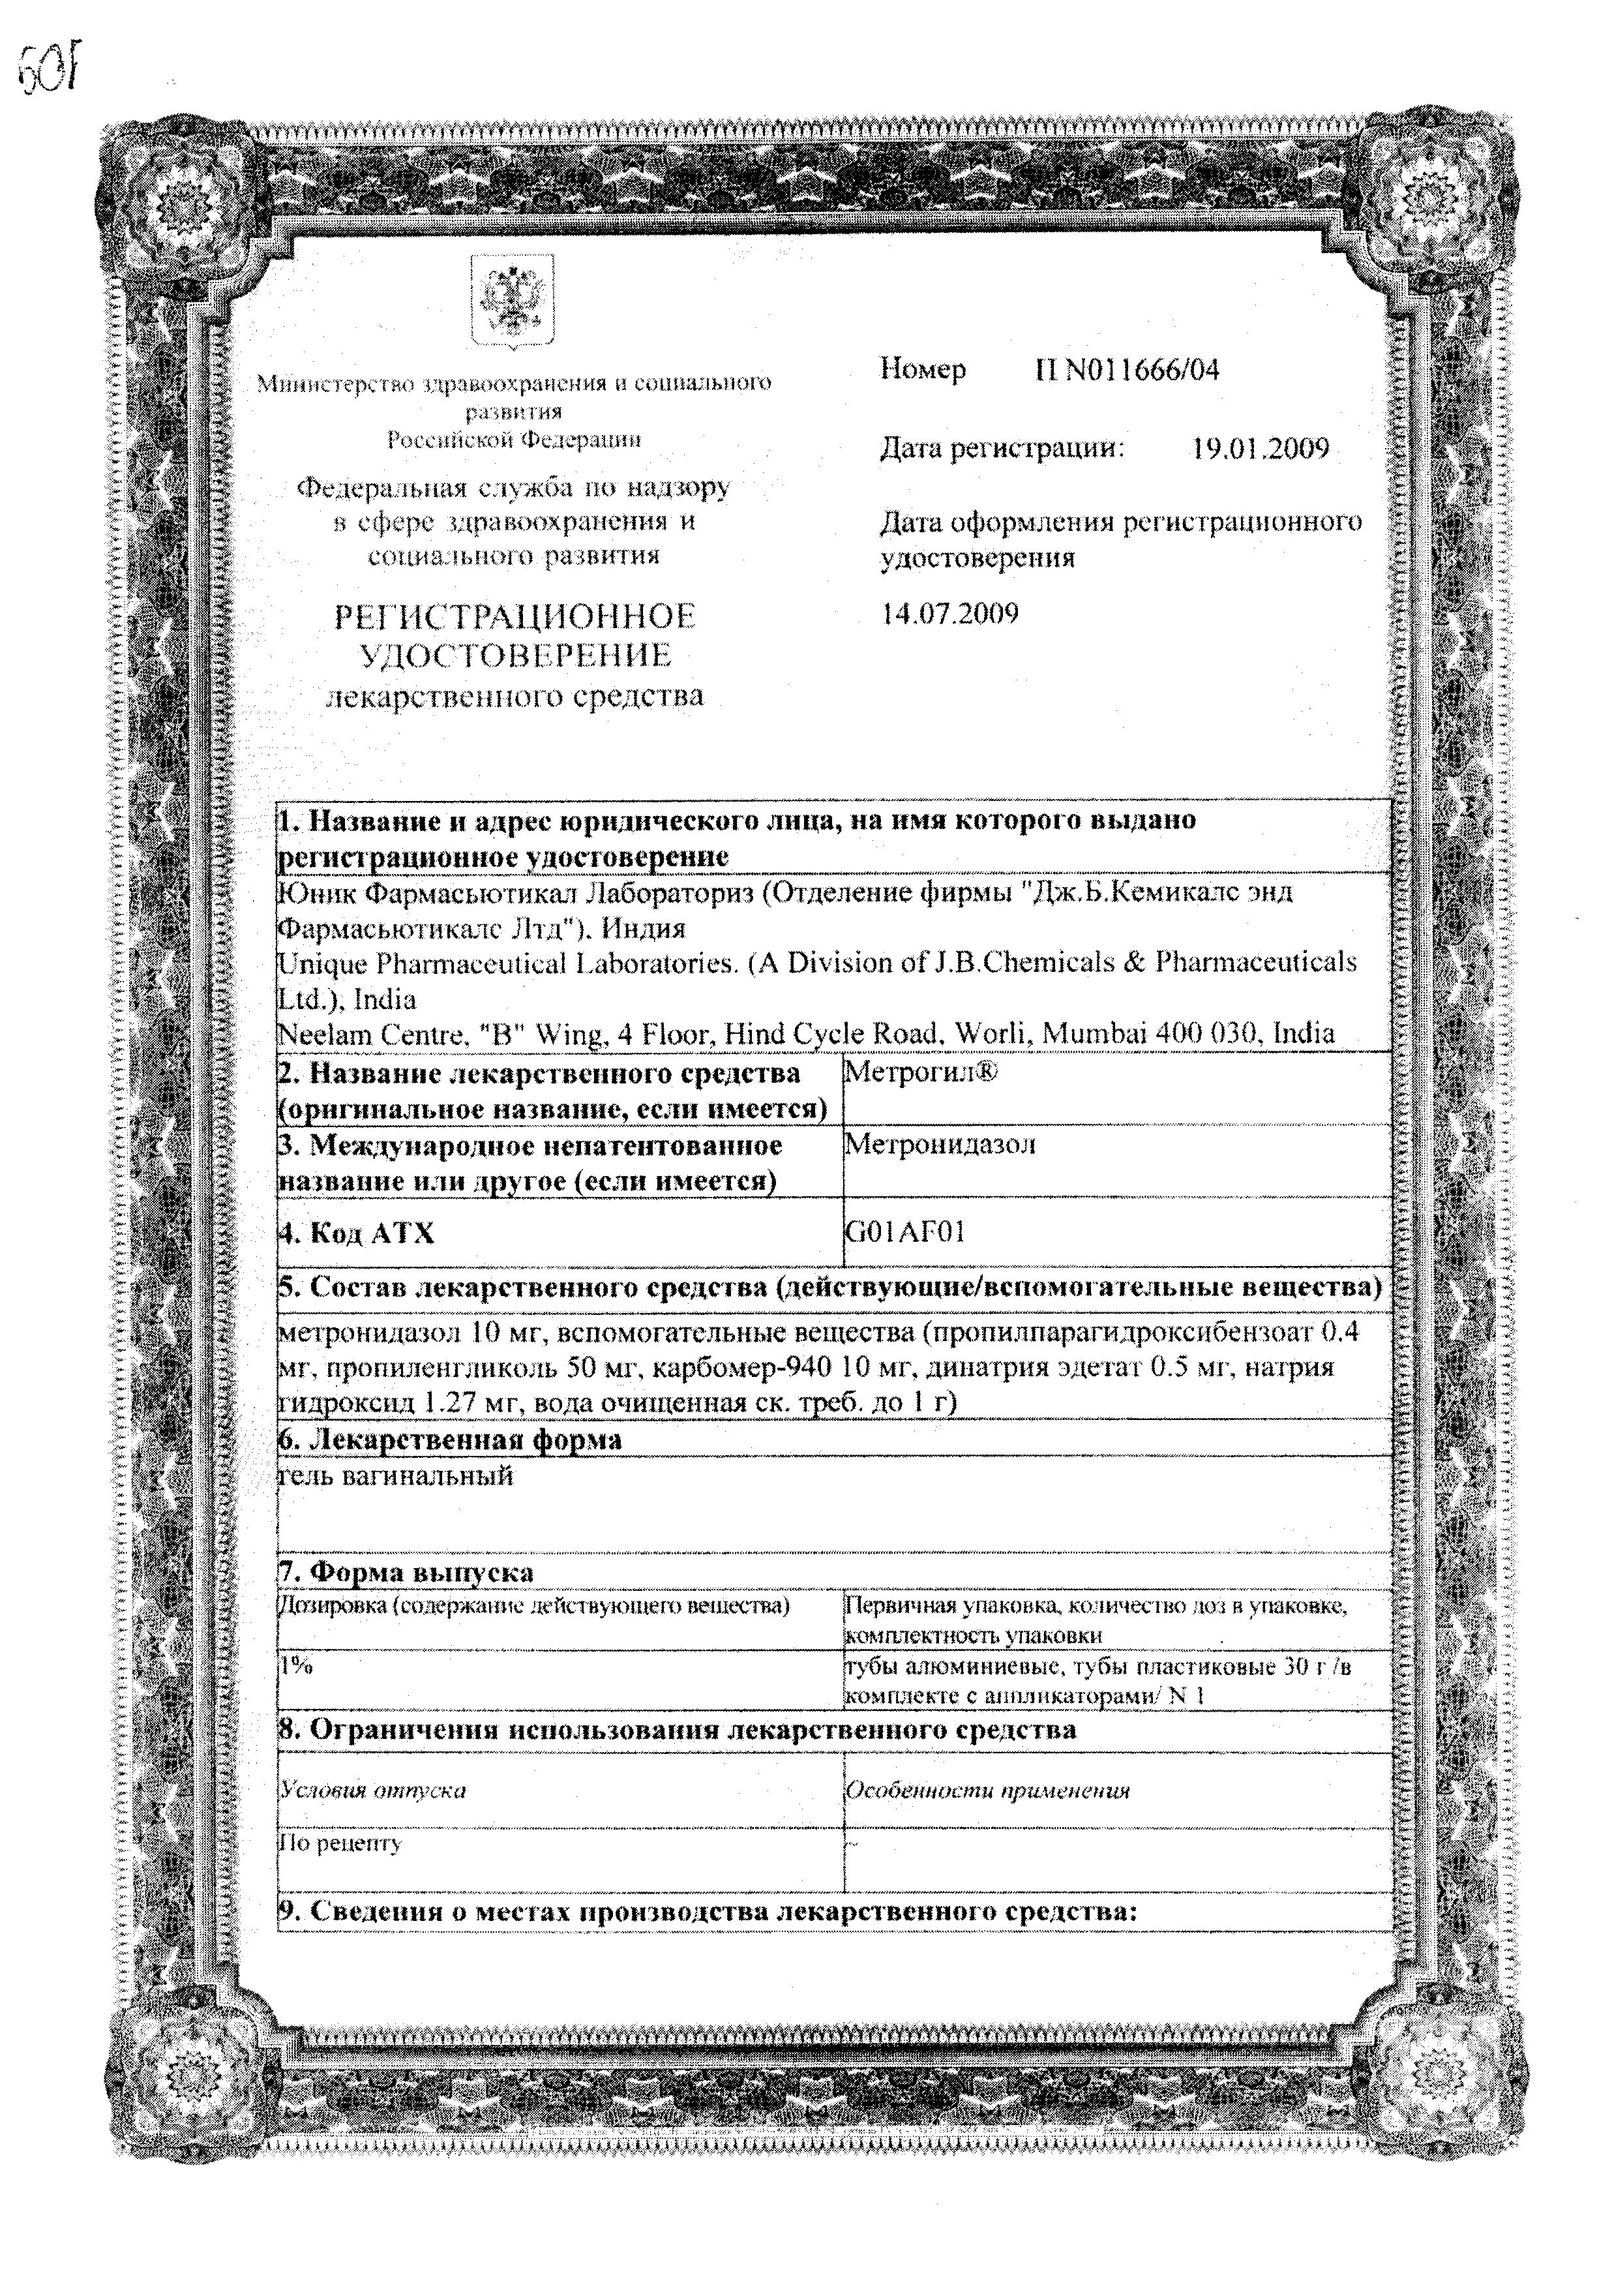 Метрогил (гель вагинальный) сертификат